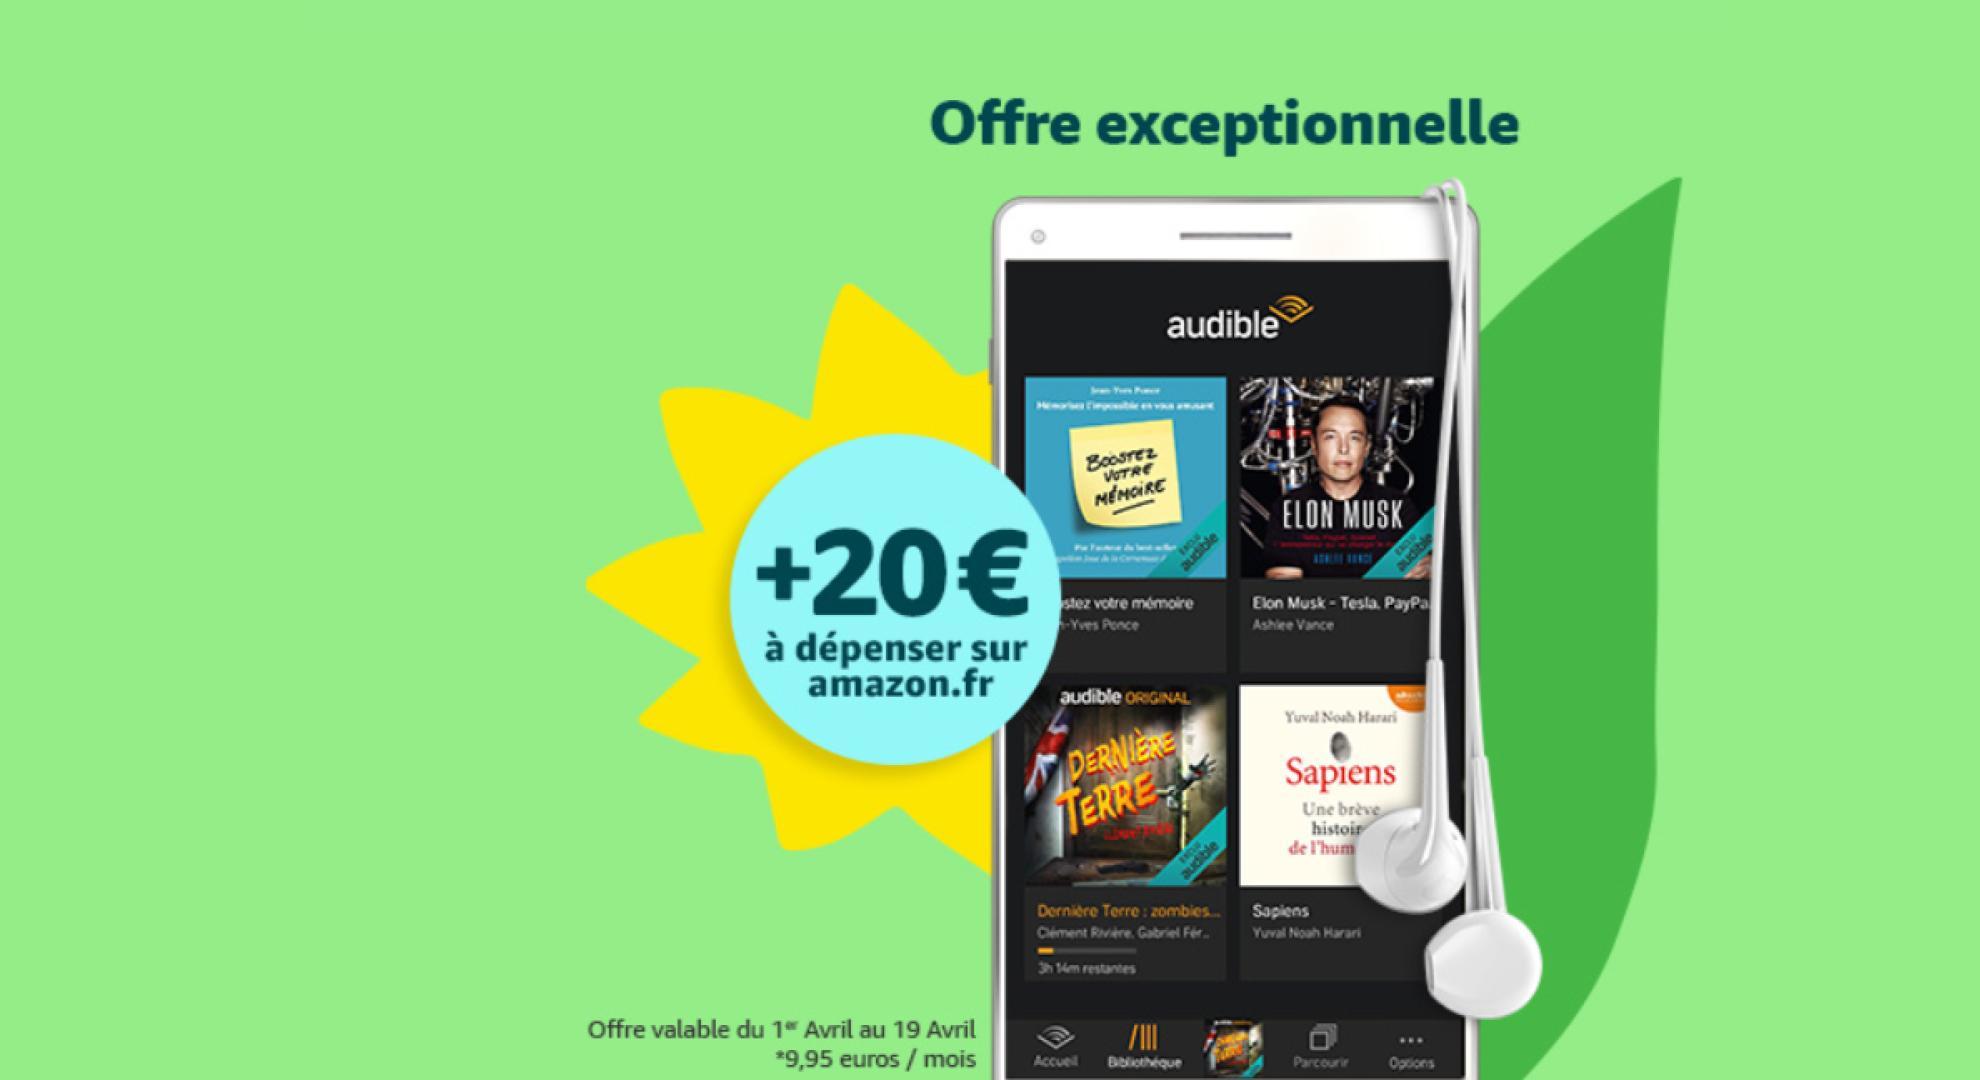 🔥 Bon plan : 20 euros offerts sur Amazon pour toute souscription à Audible (sans engagement)